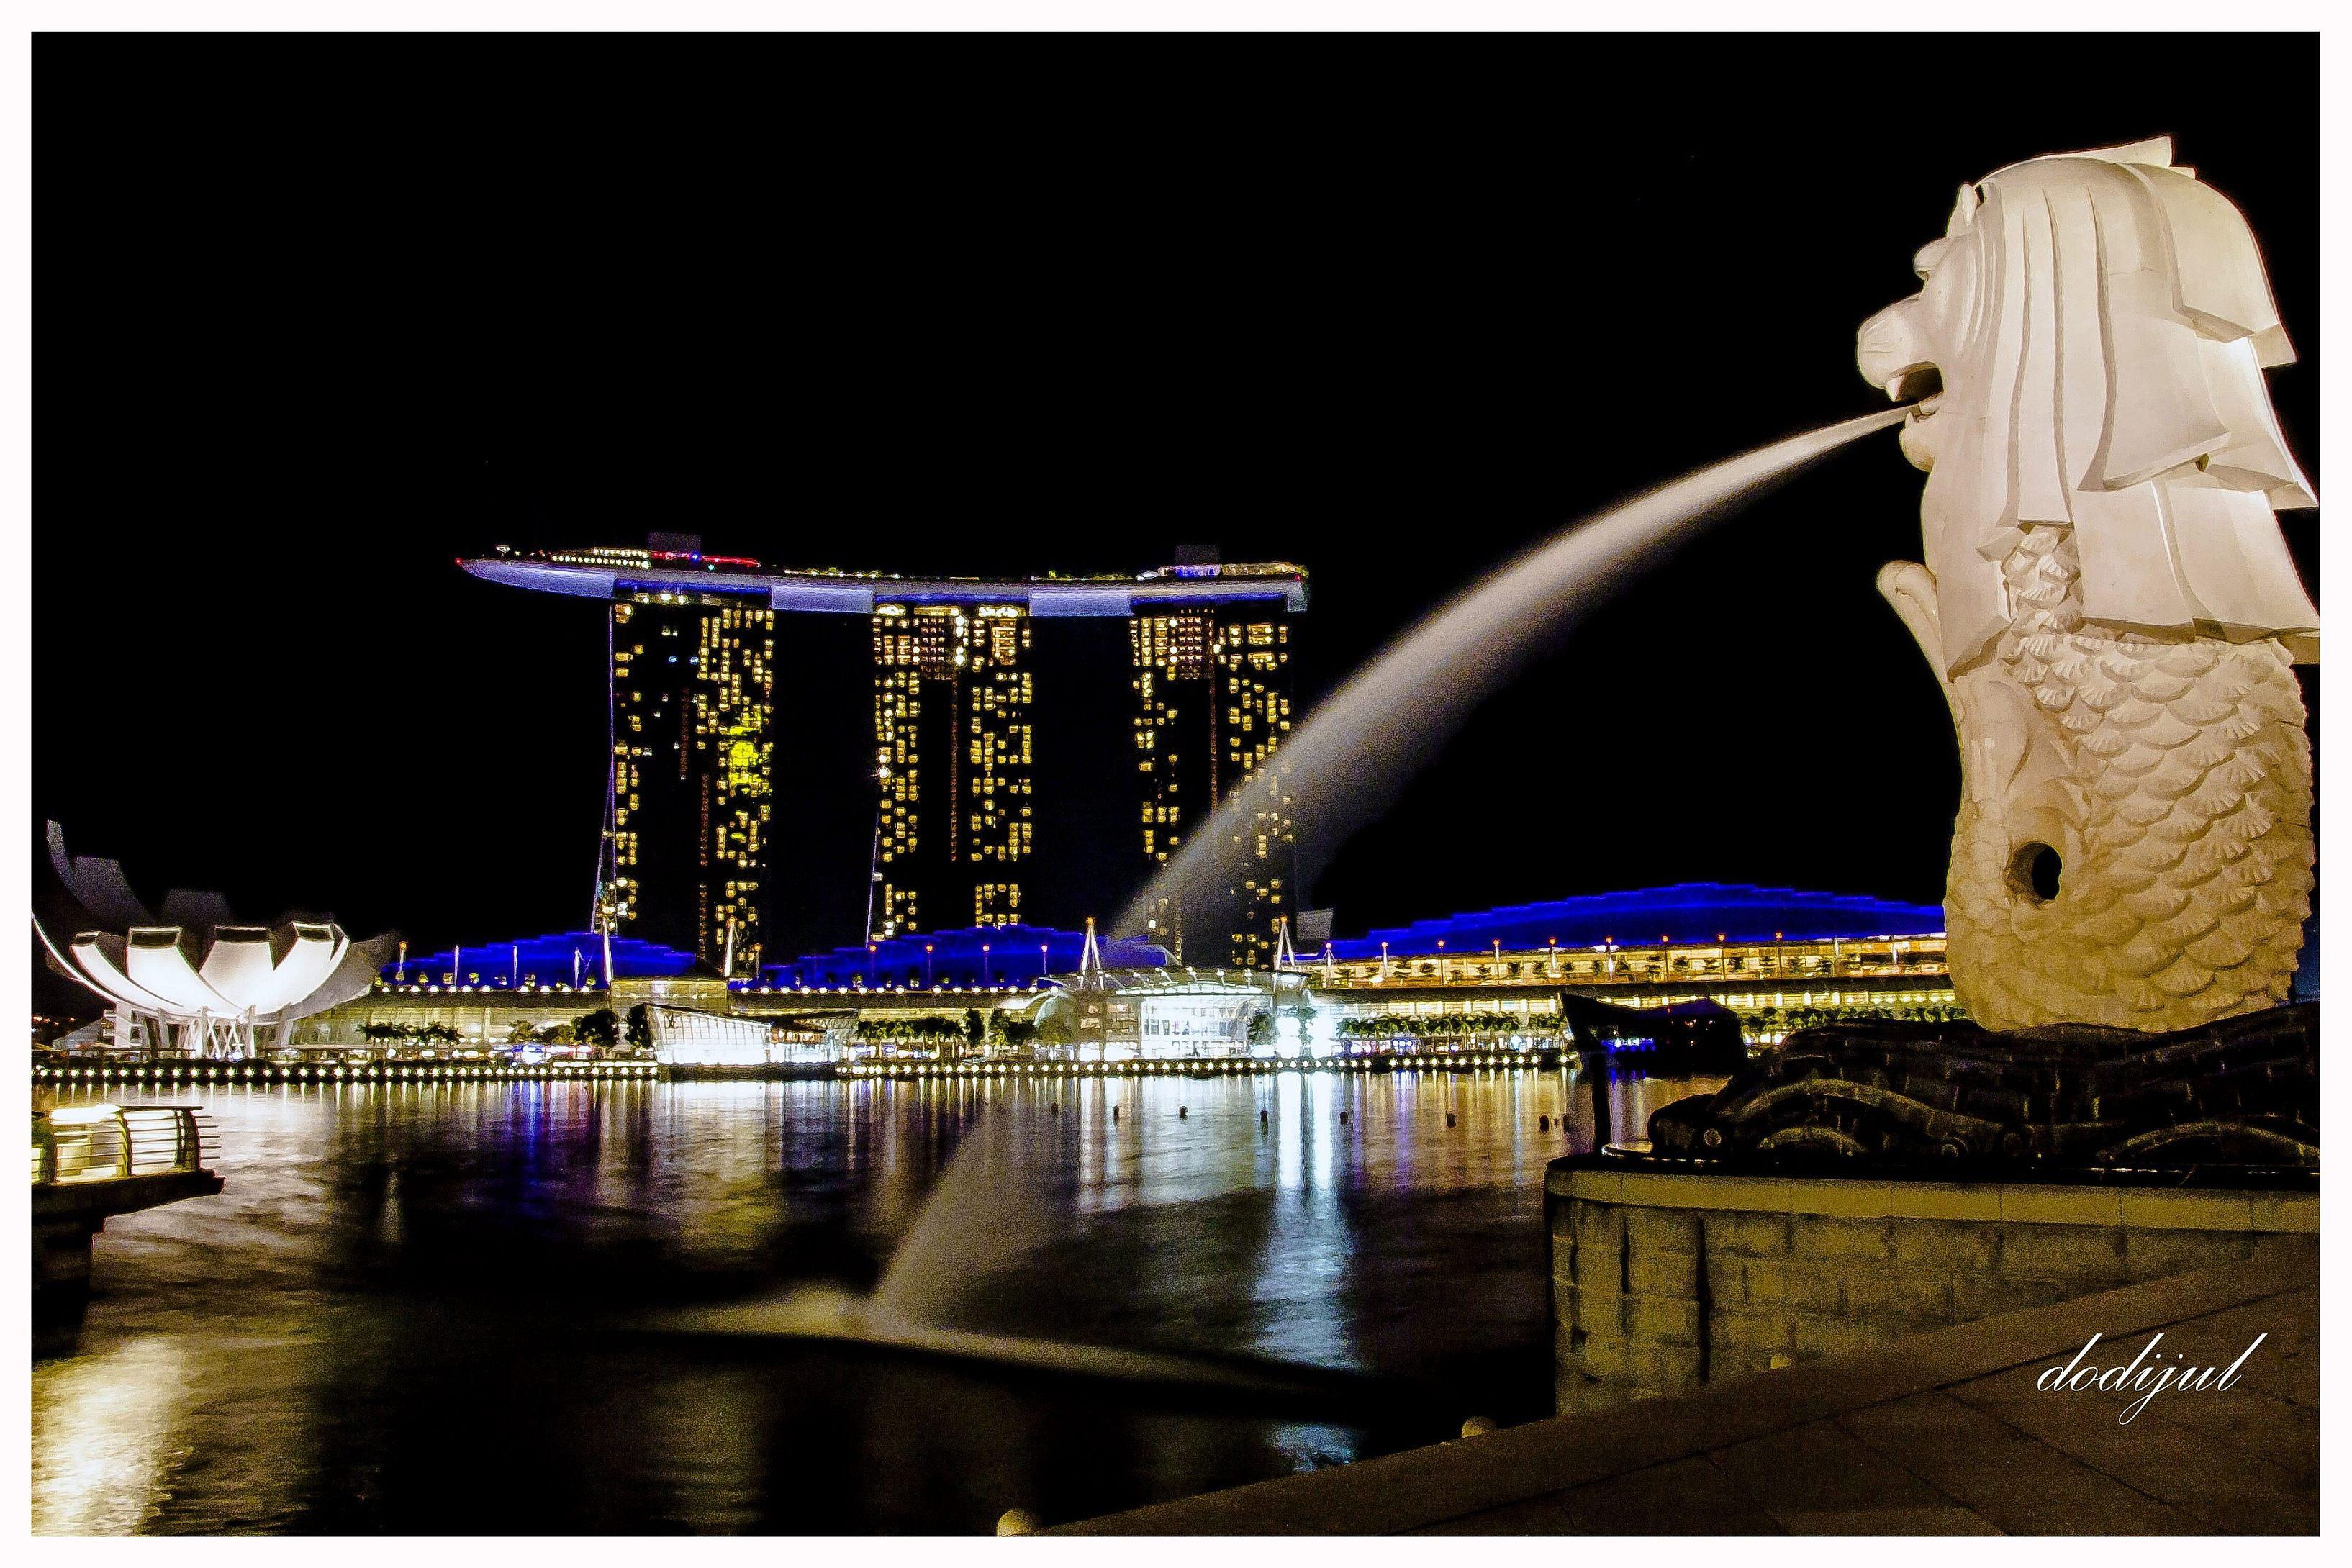 Menikmati Singapura di Malam Hari - 3